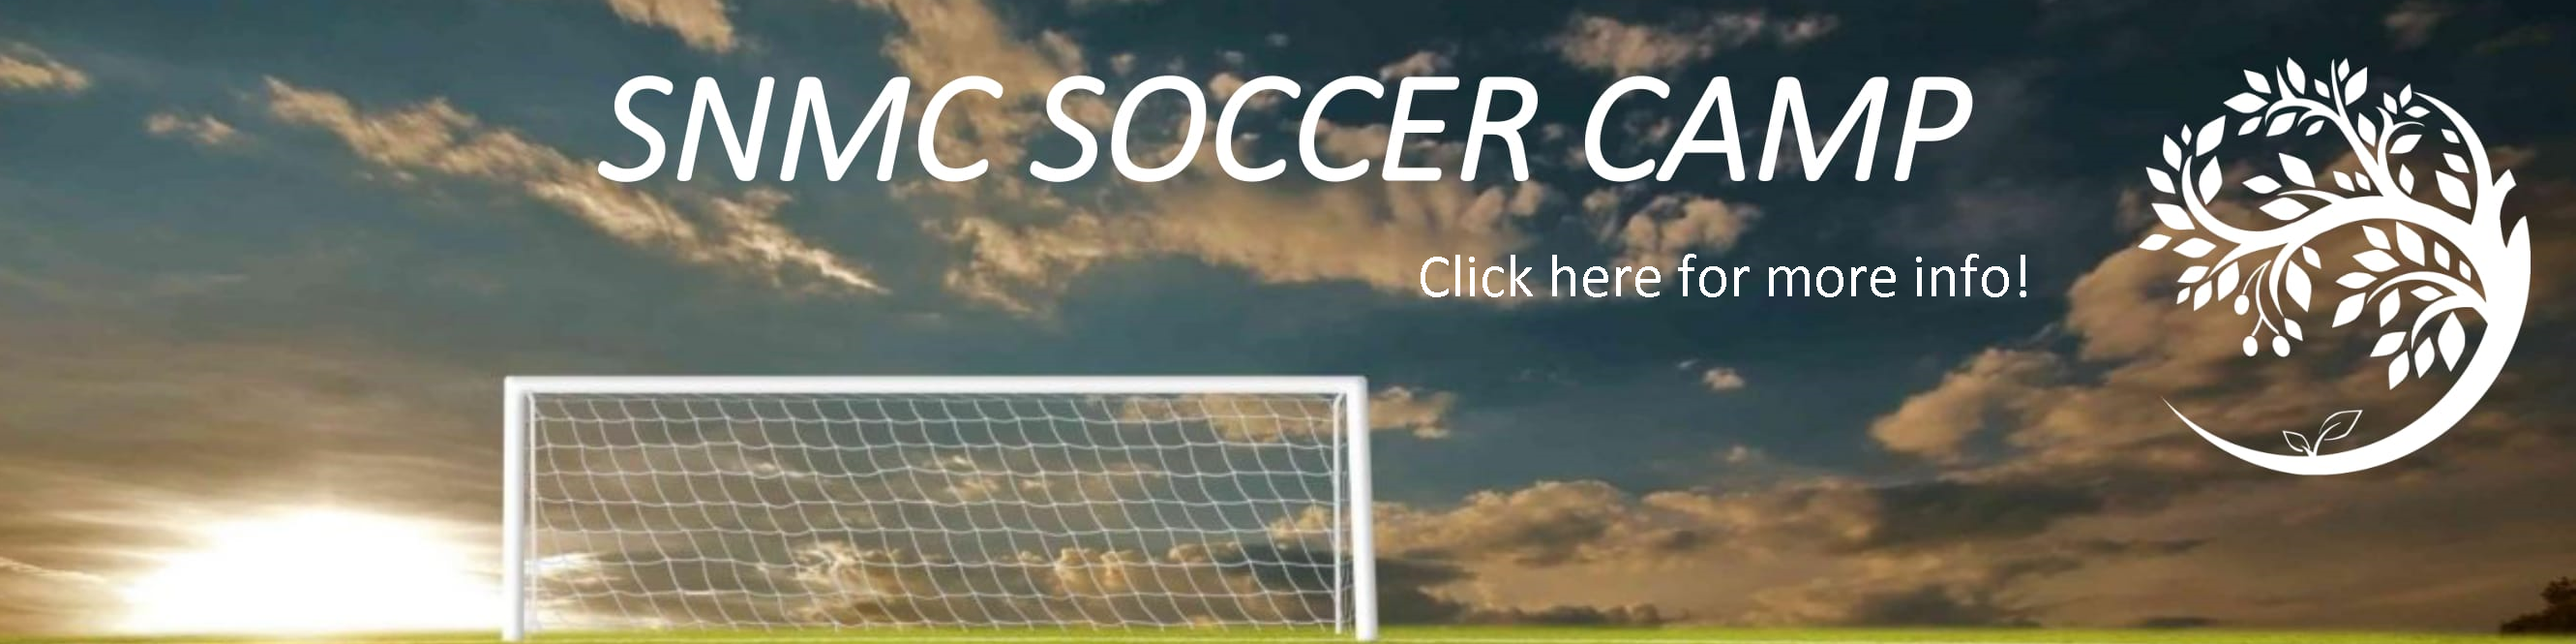 SNMC-Soccer-Camp-Banner